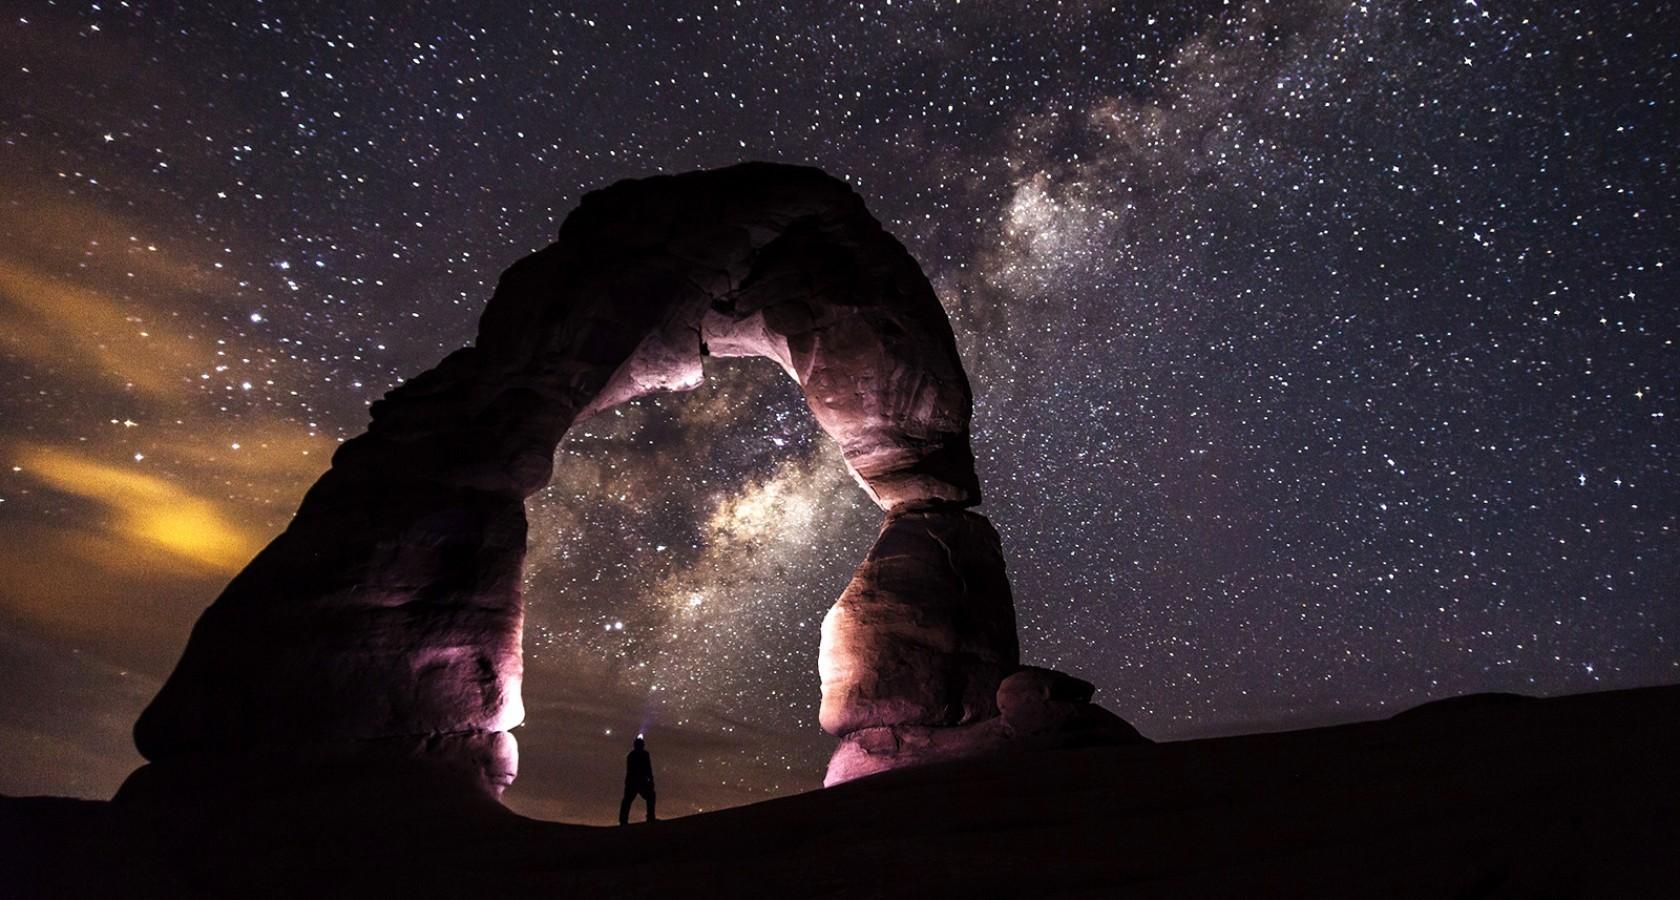 sky-stars-hd.jpg